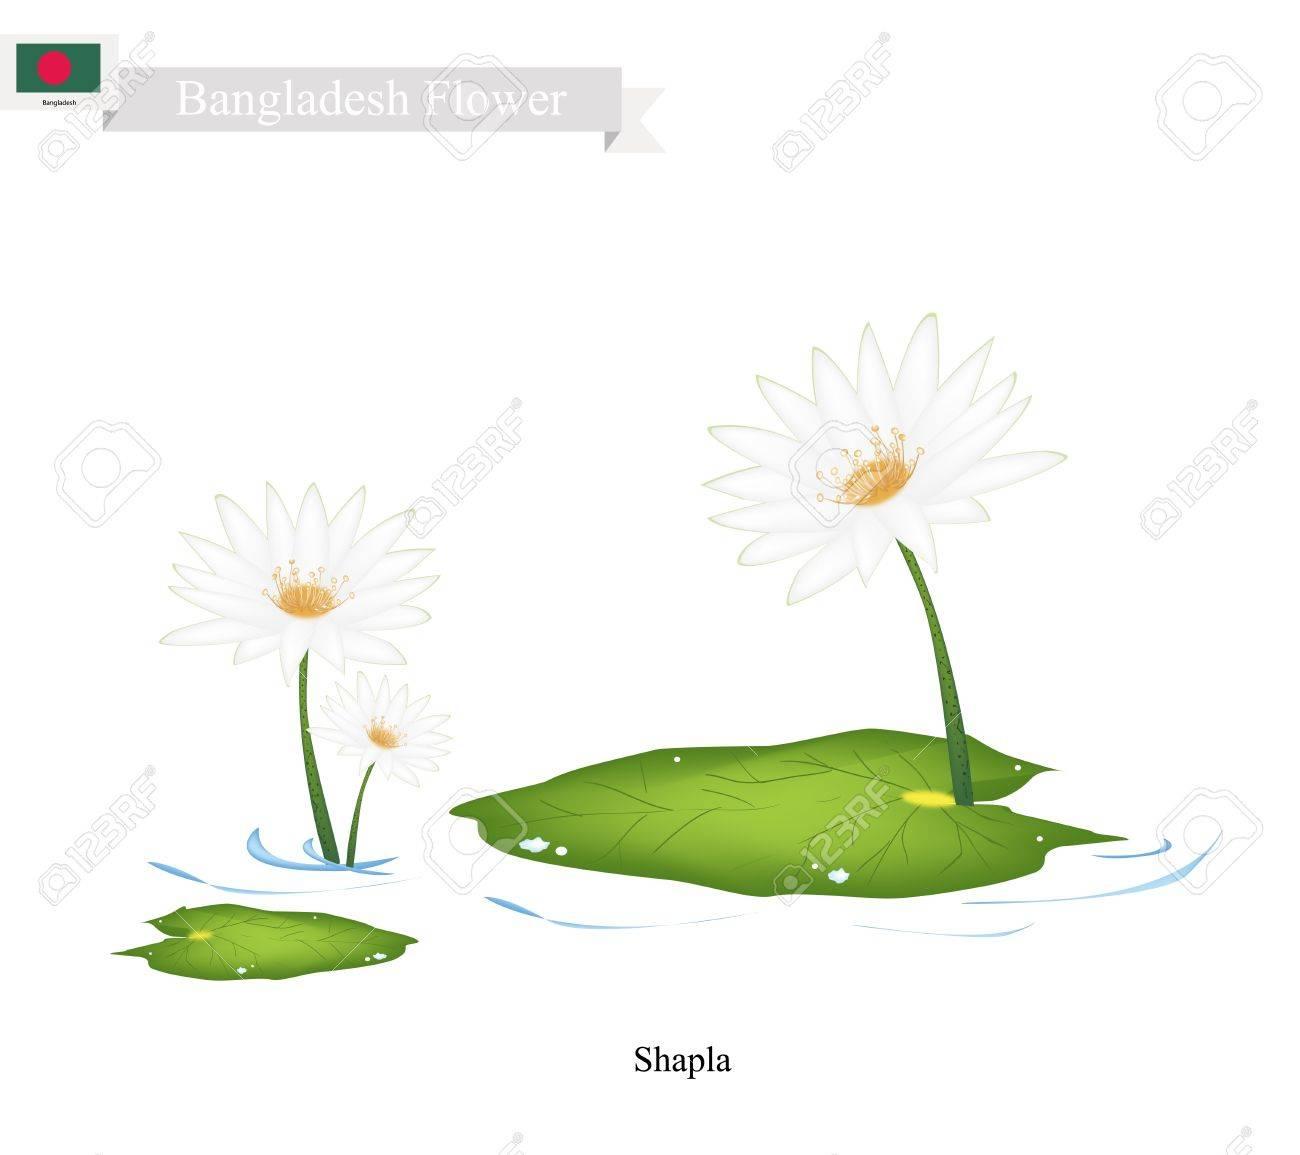 Бангладеш цветок